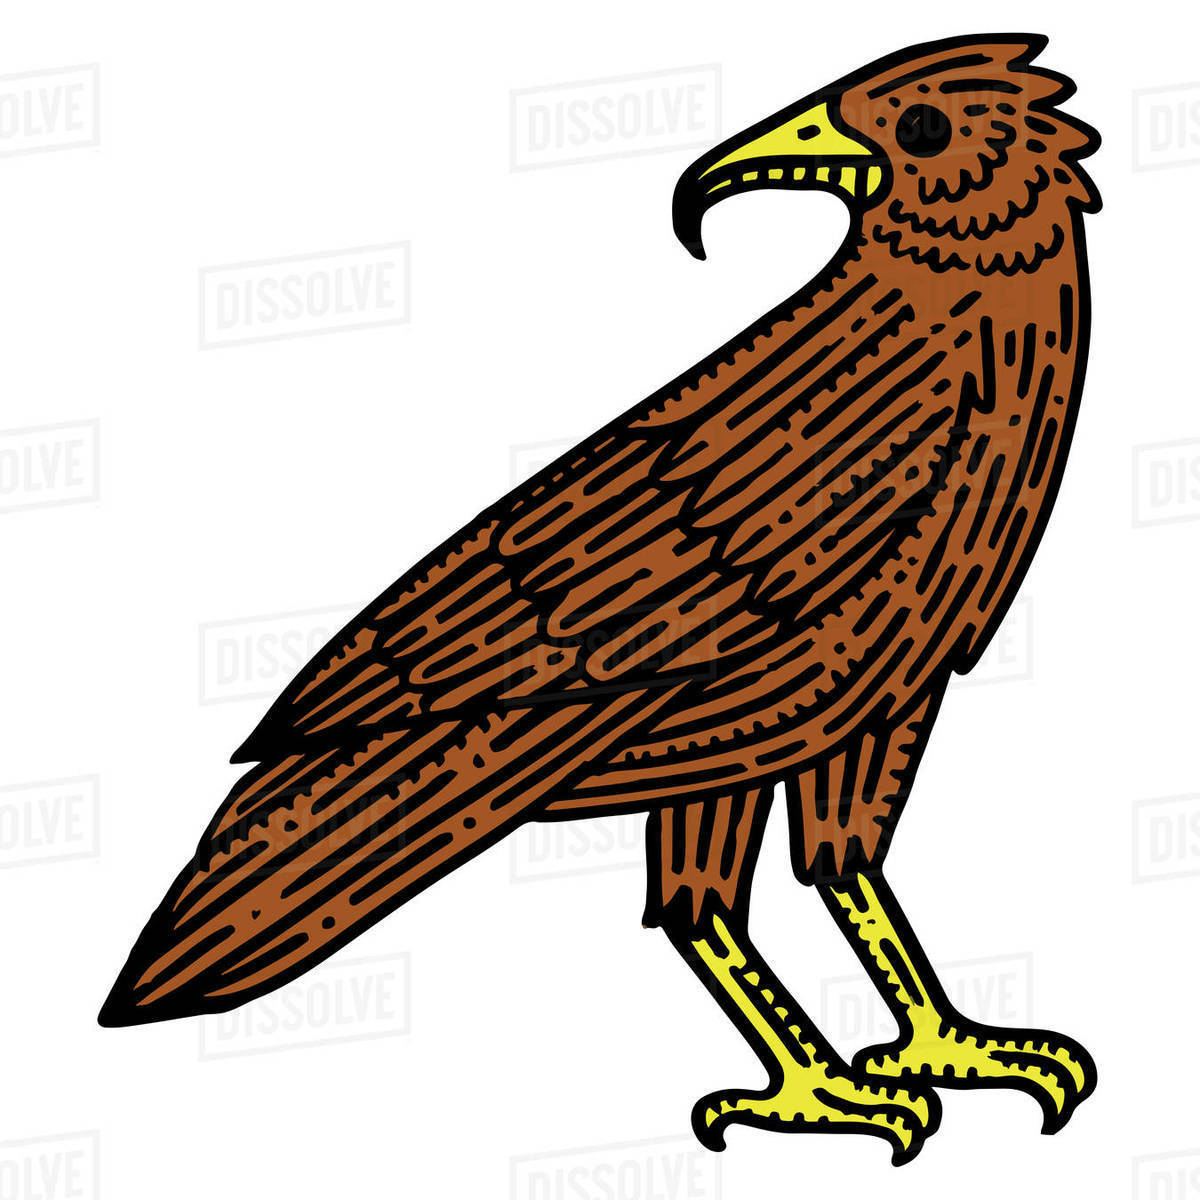 Illustration of eagle isolated on white background Royalty-free stock photo